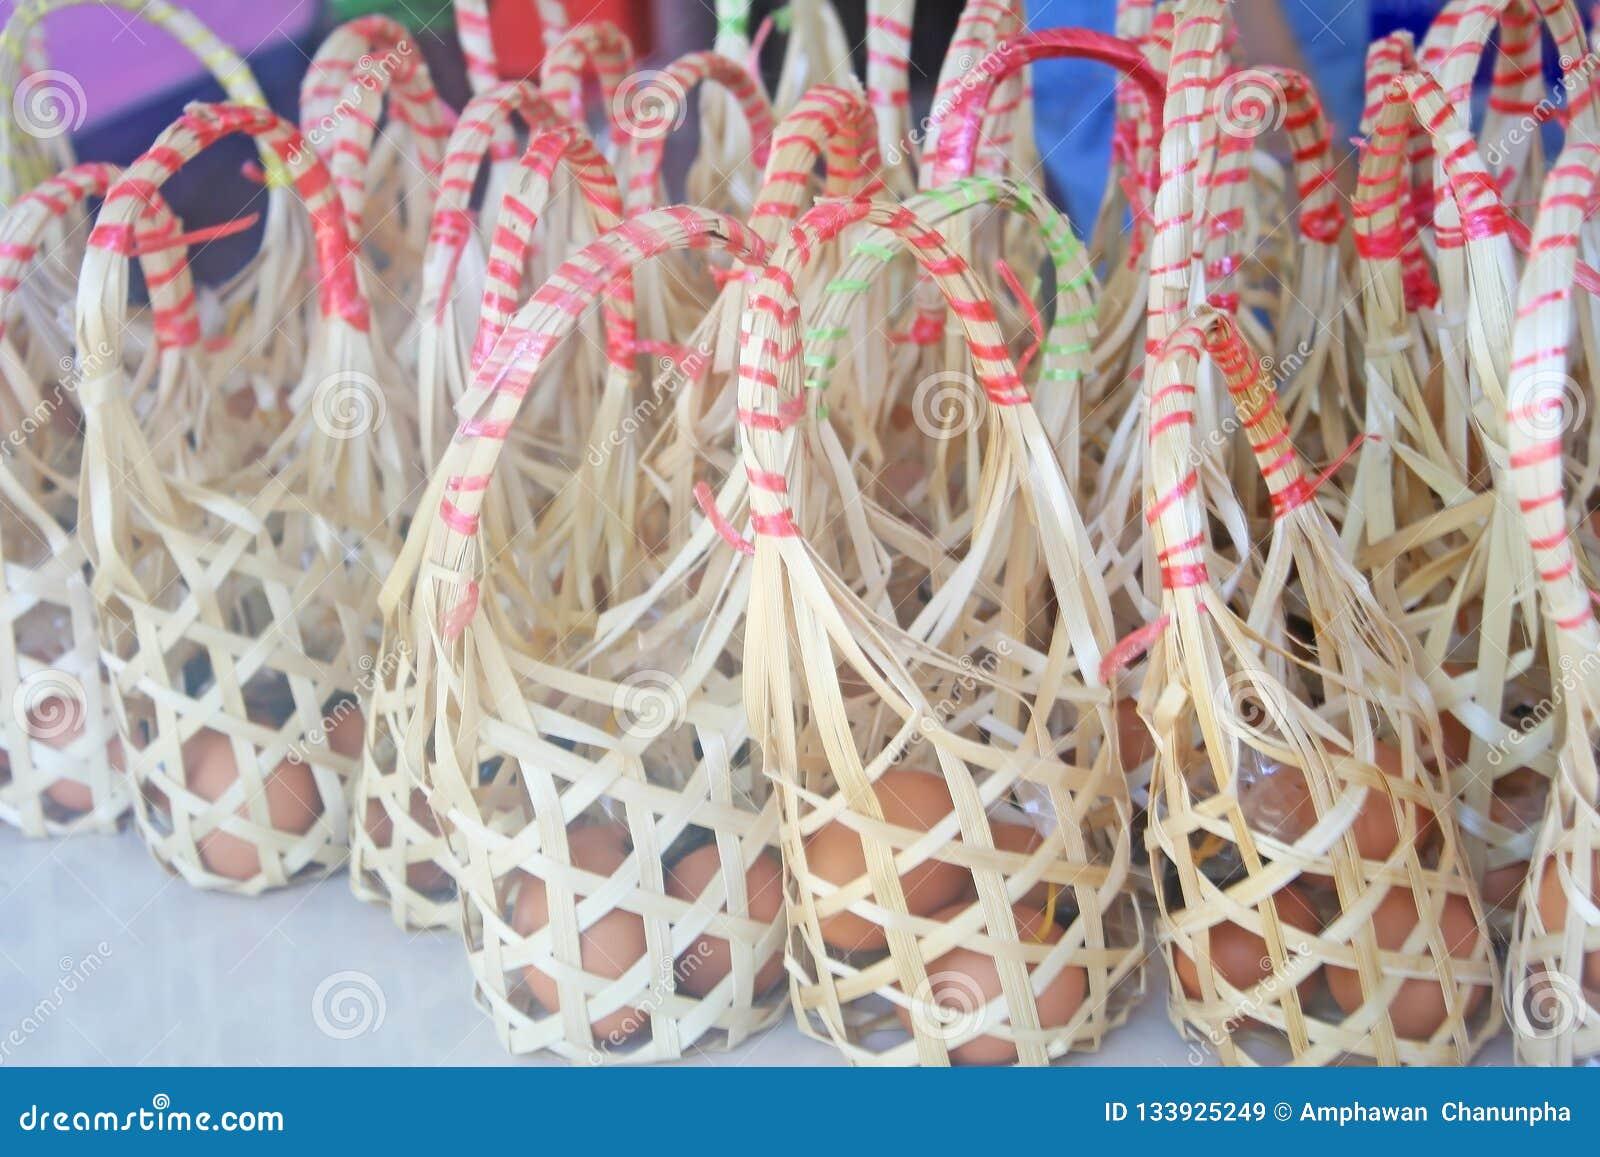 Bamboemanden met kippenei op lijst voor verkoop